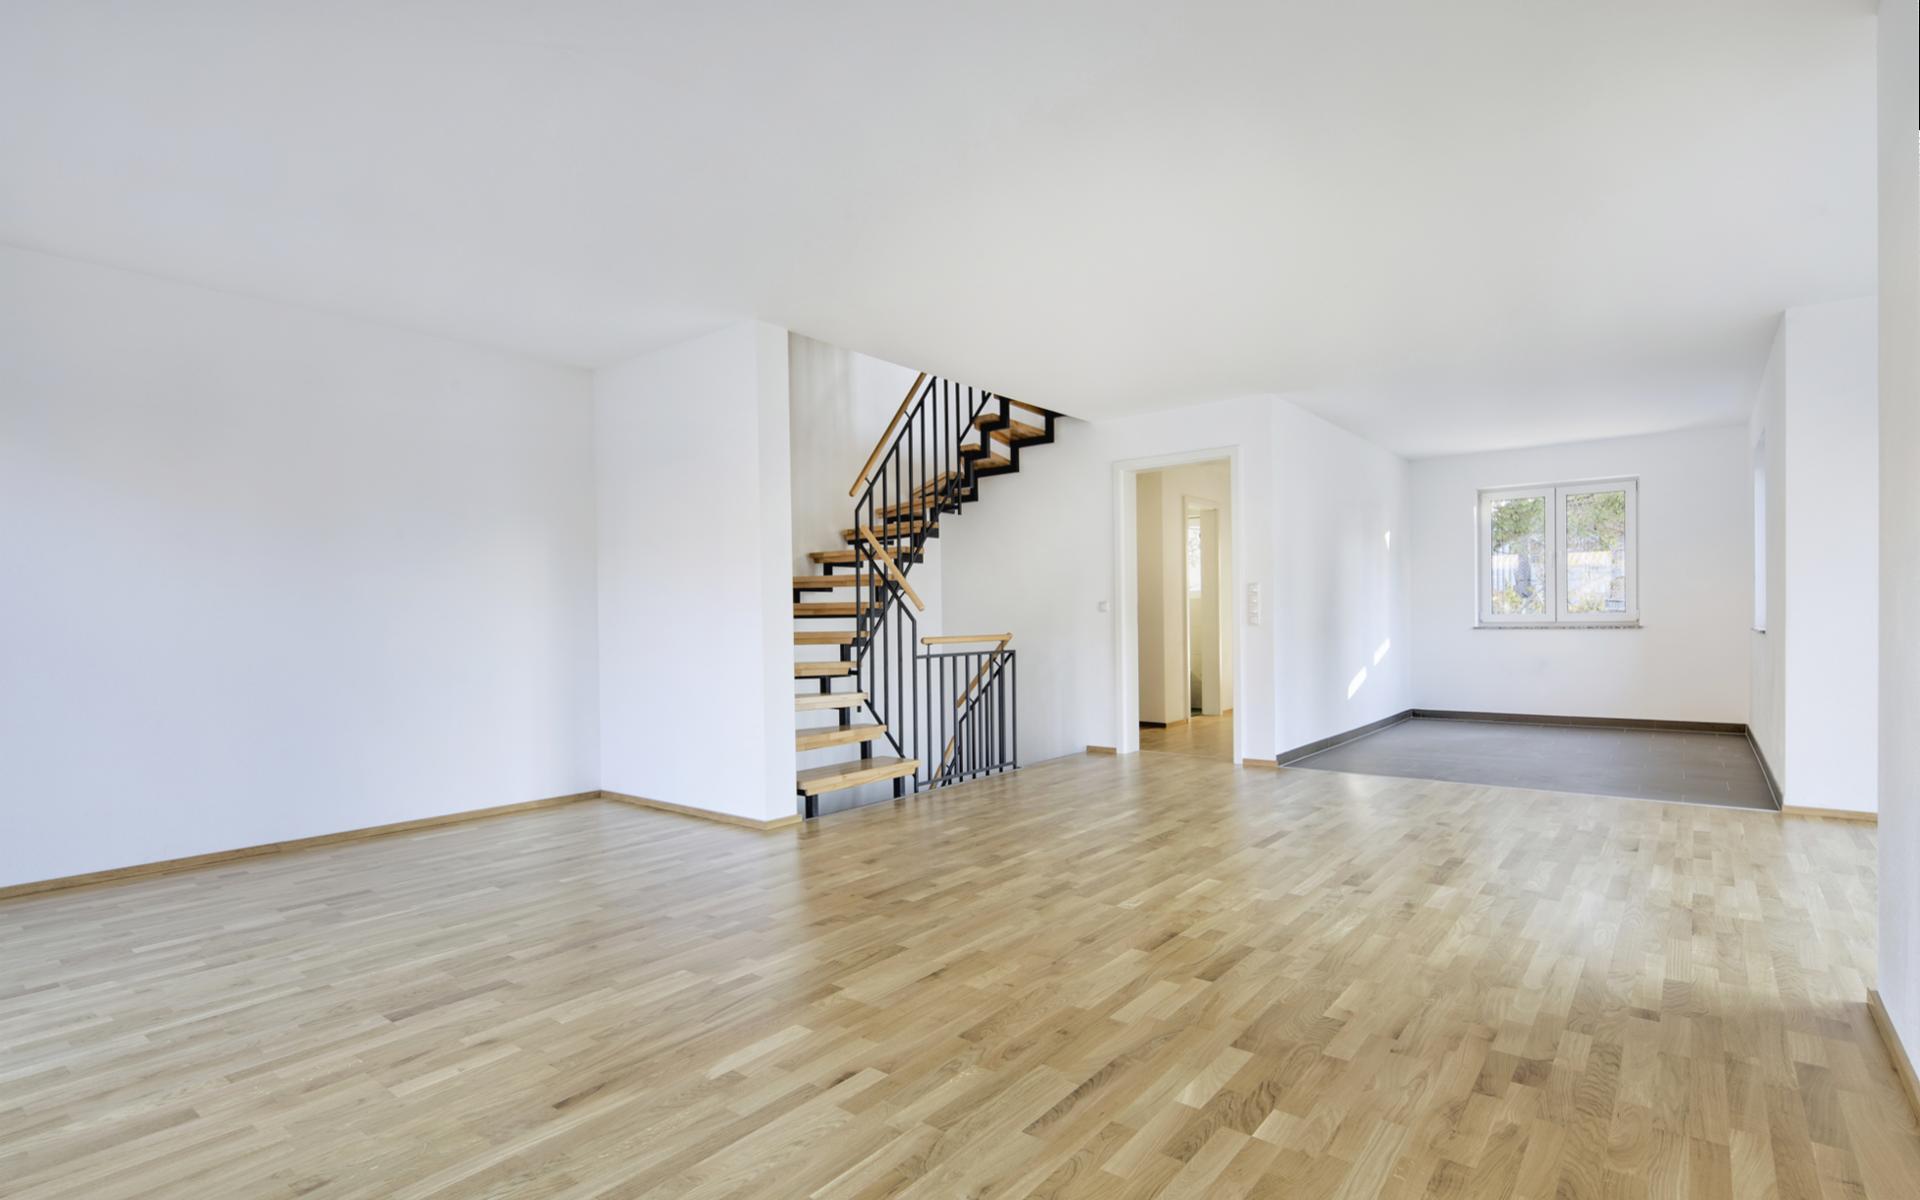 LHOMES_Taufkirchen Haus Wohnen_1920x1200